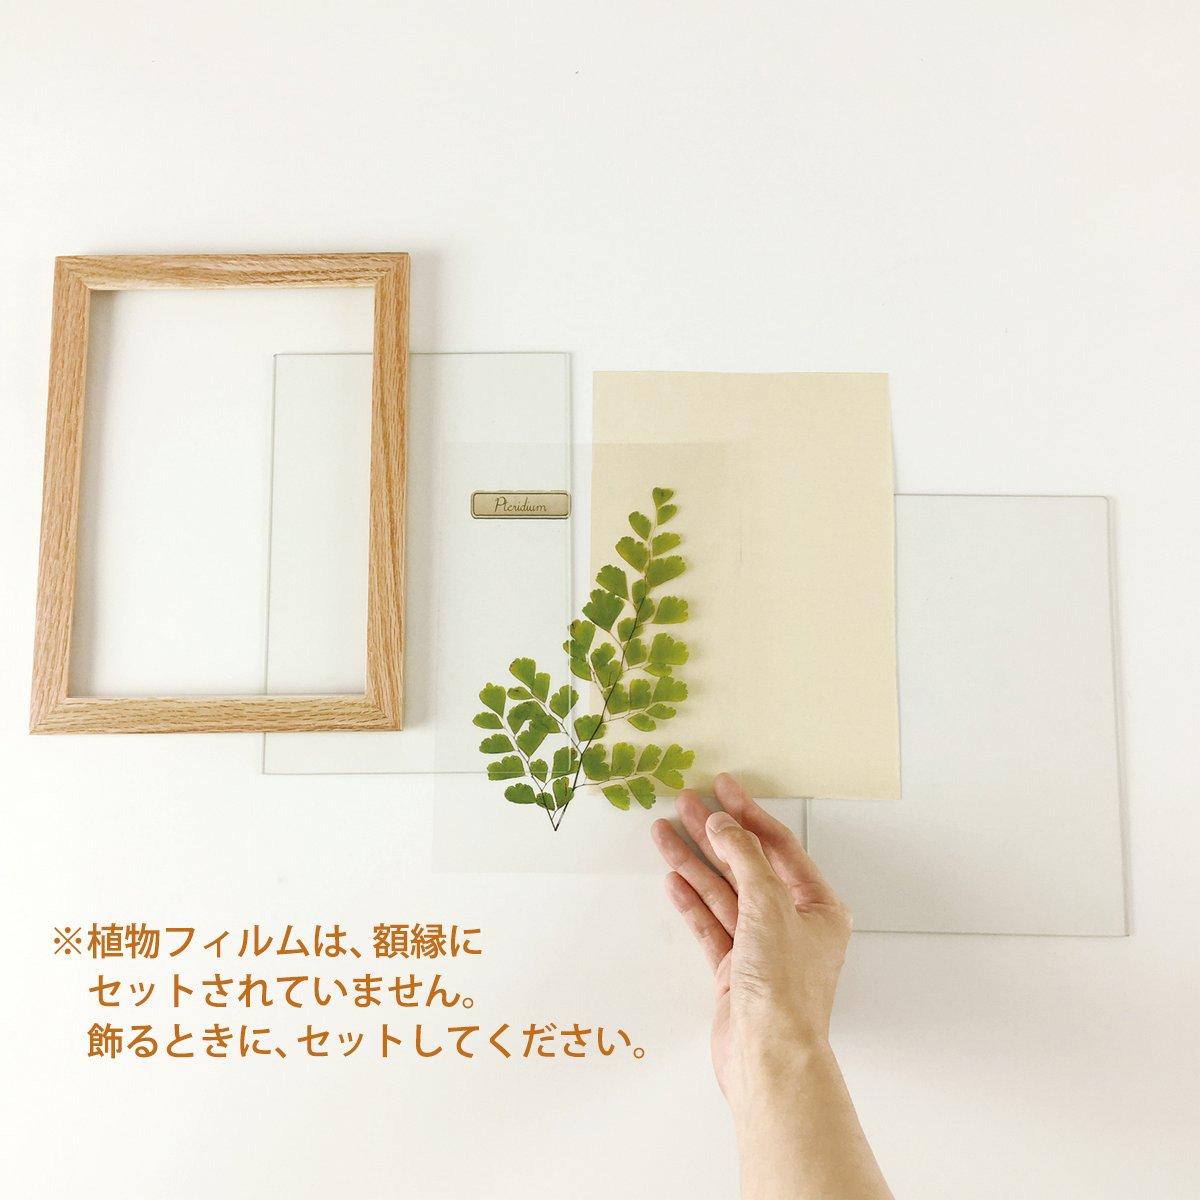 【アートフレーム】ハーバリウムフレーム ホウライシダ/ナチュラル(壁掛け)